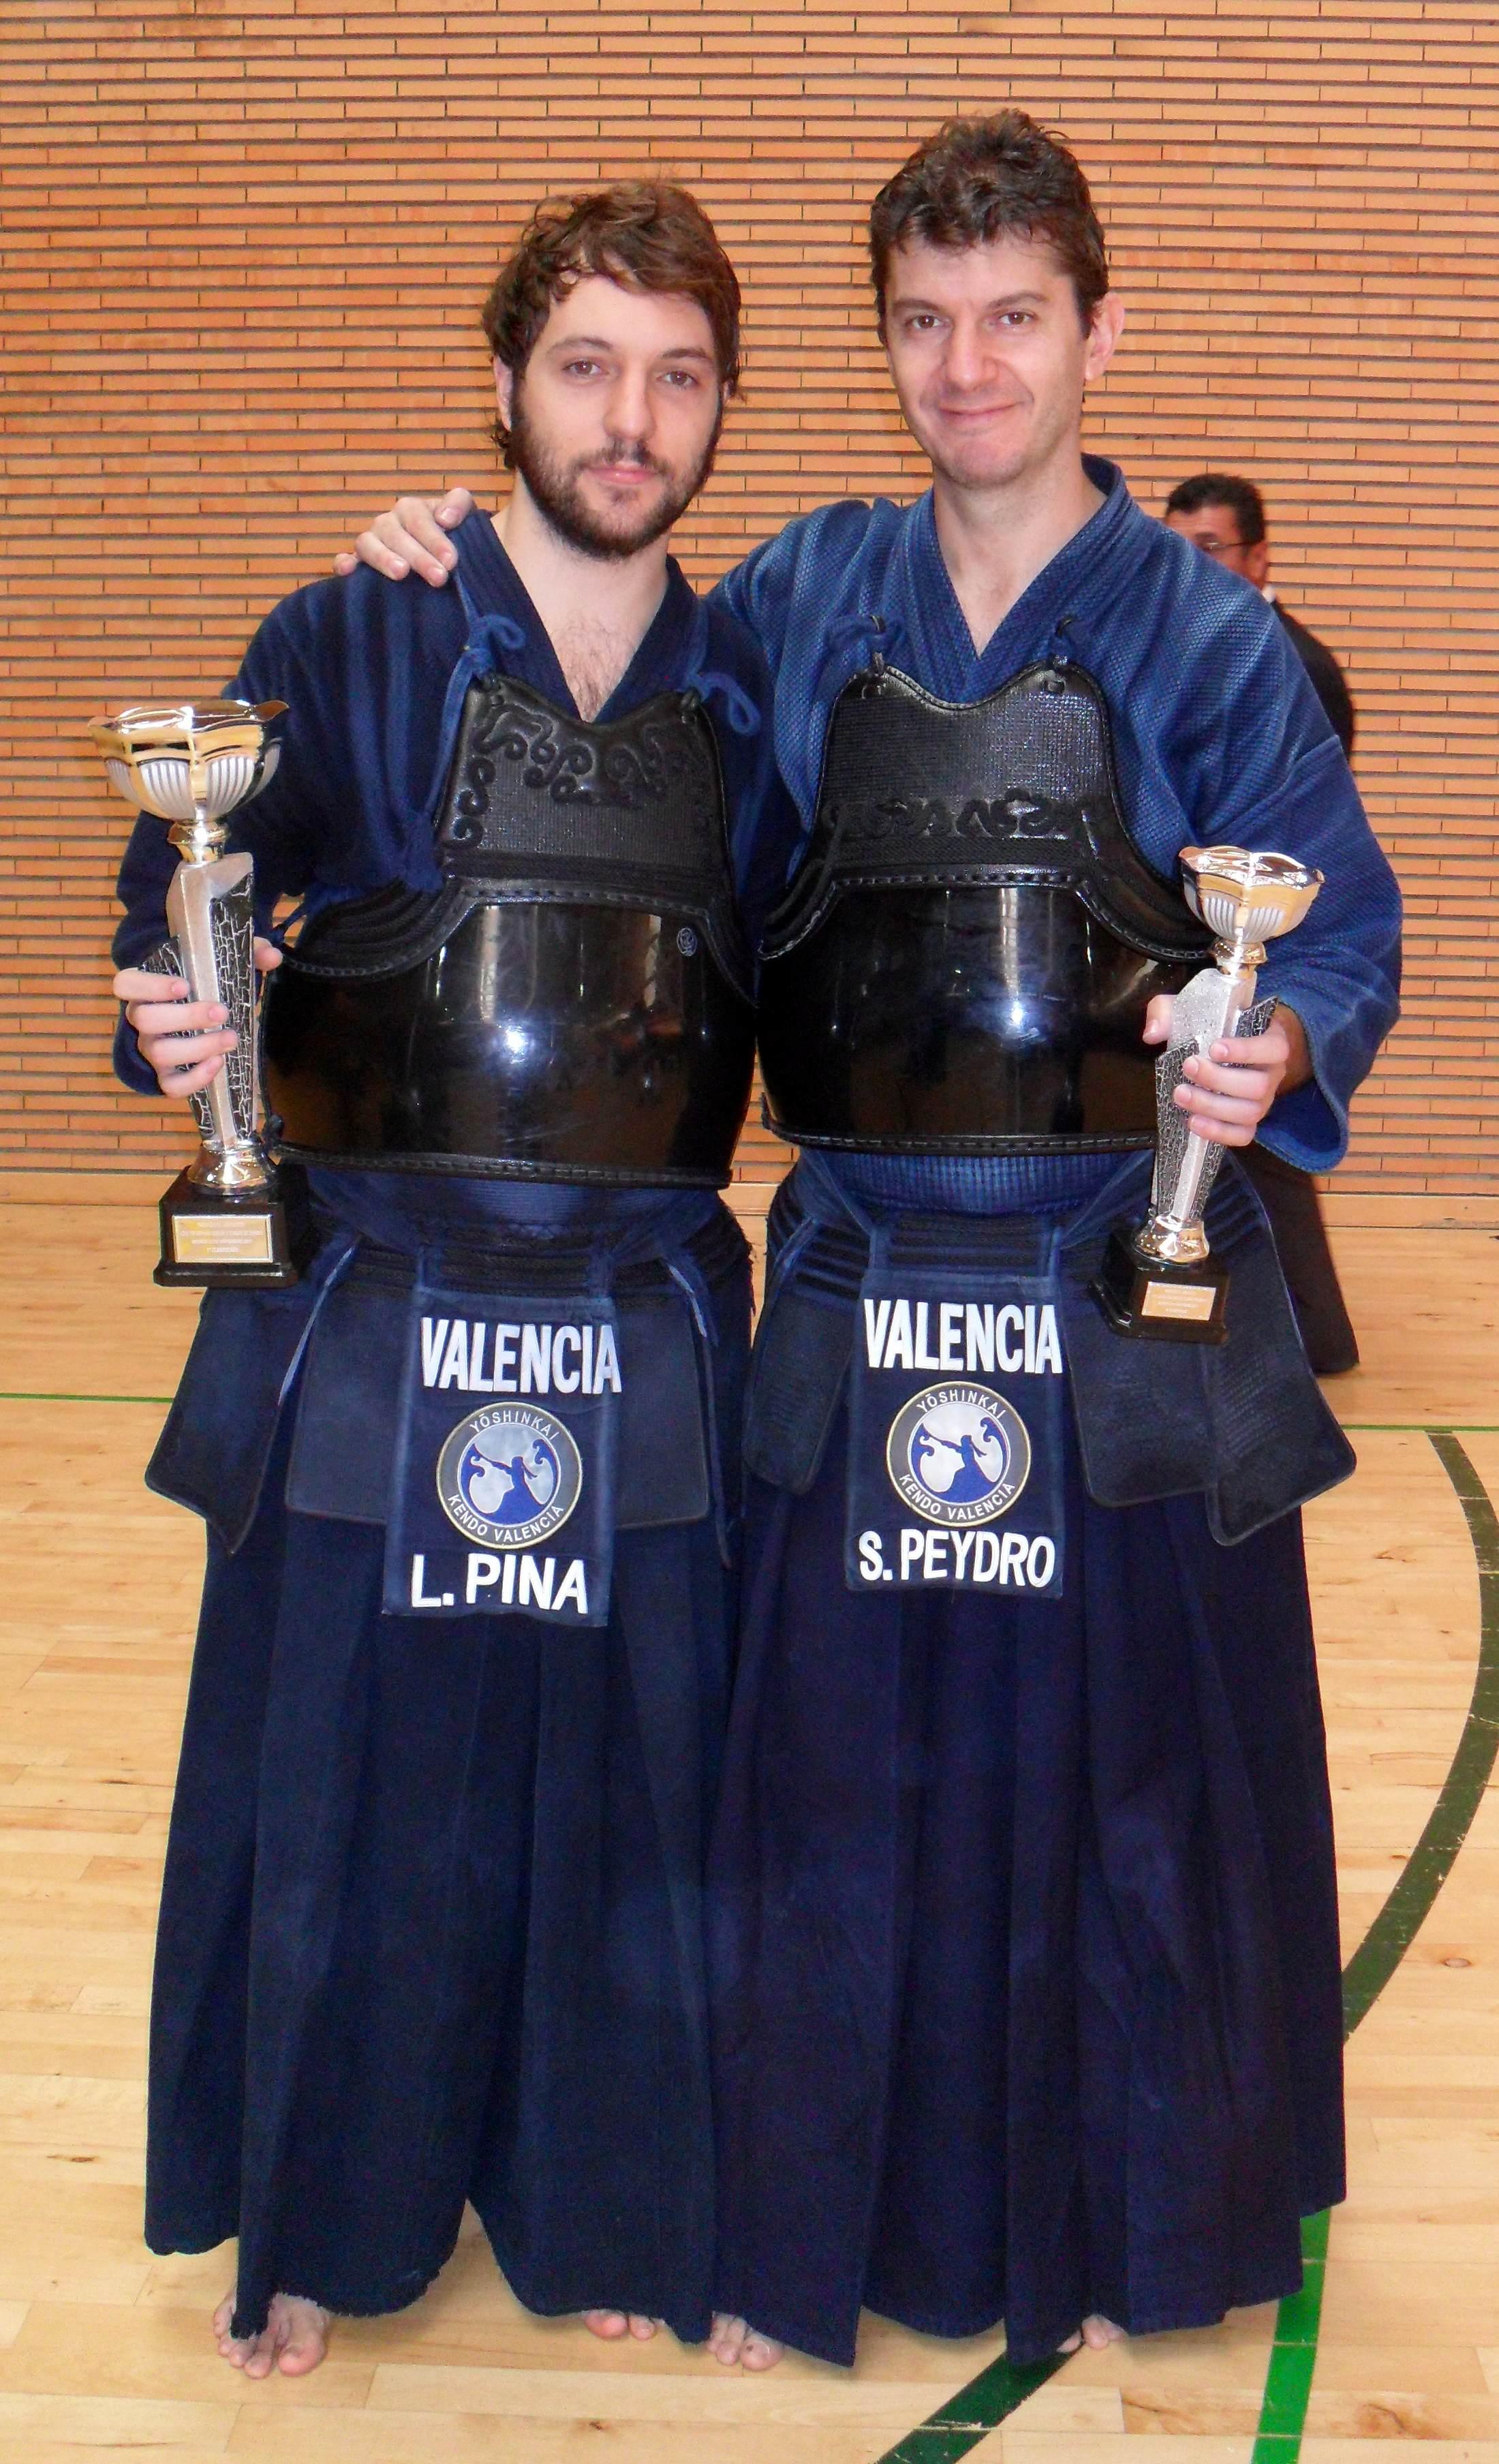 Campeonato de España 2015